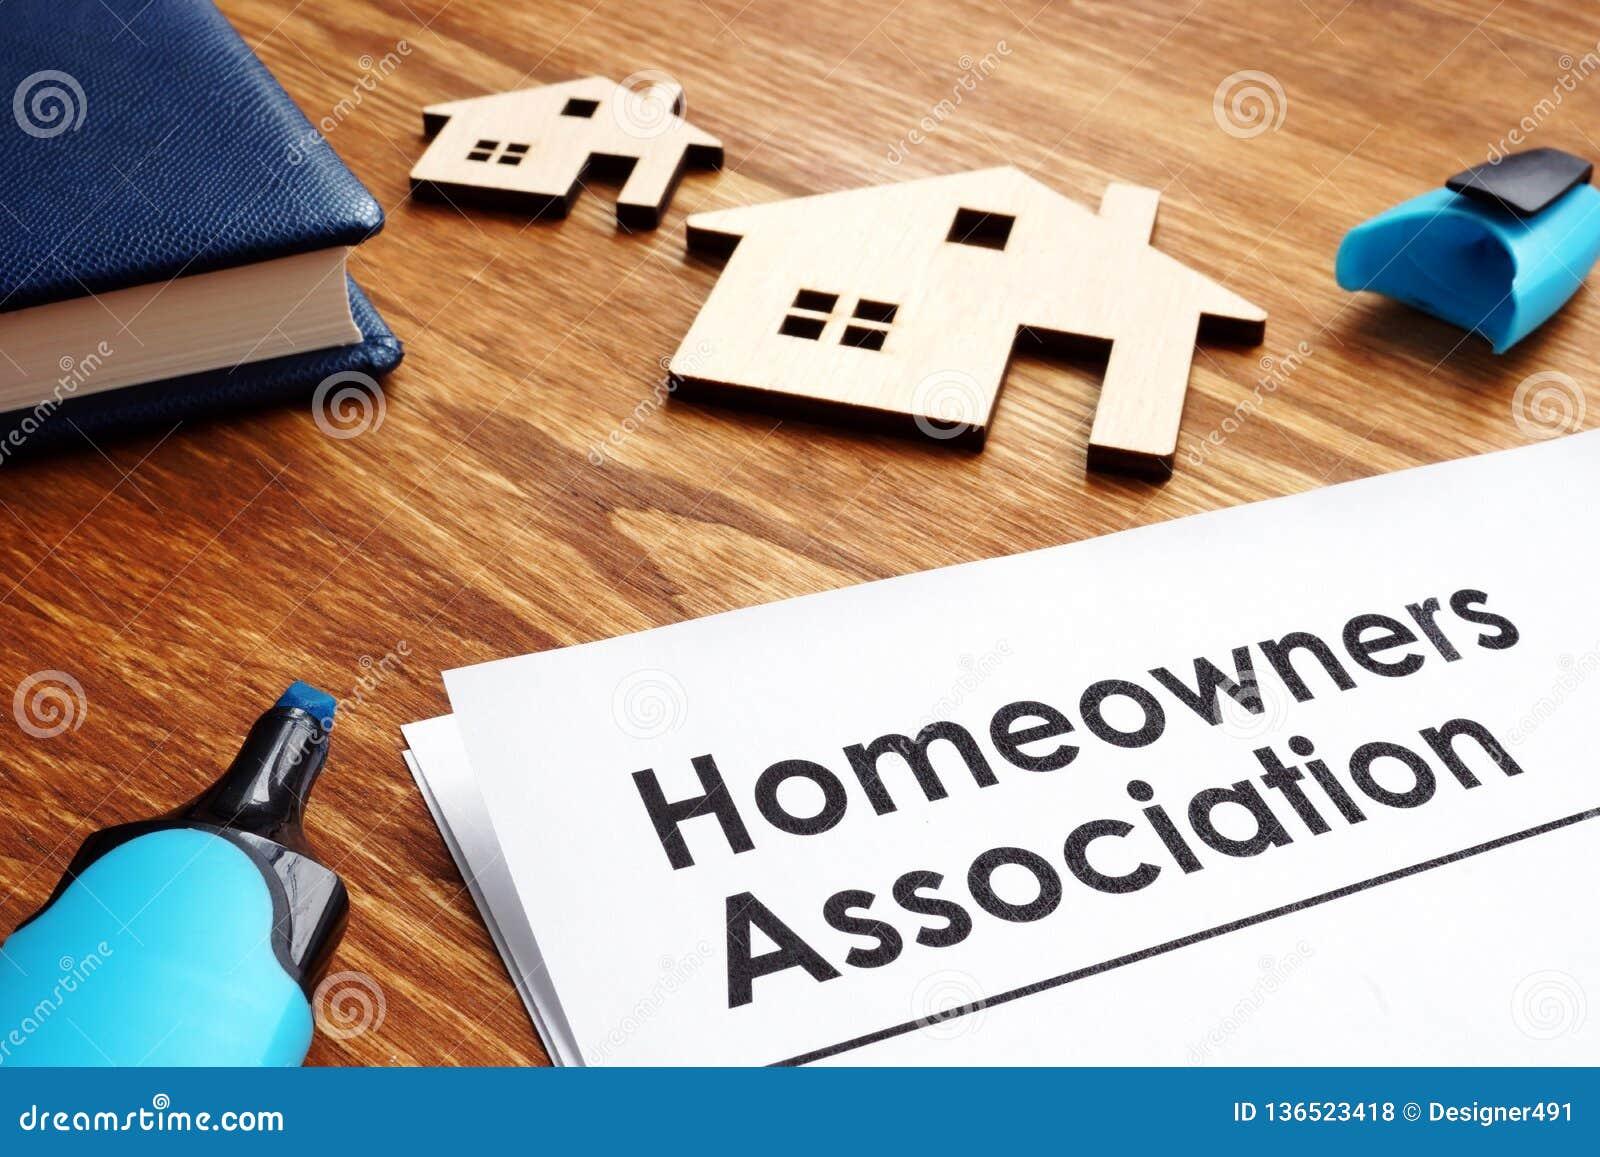 Документы об ассоциации домовладельцев HOA